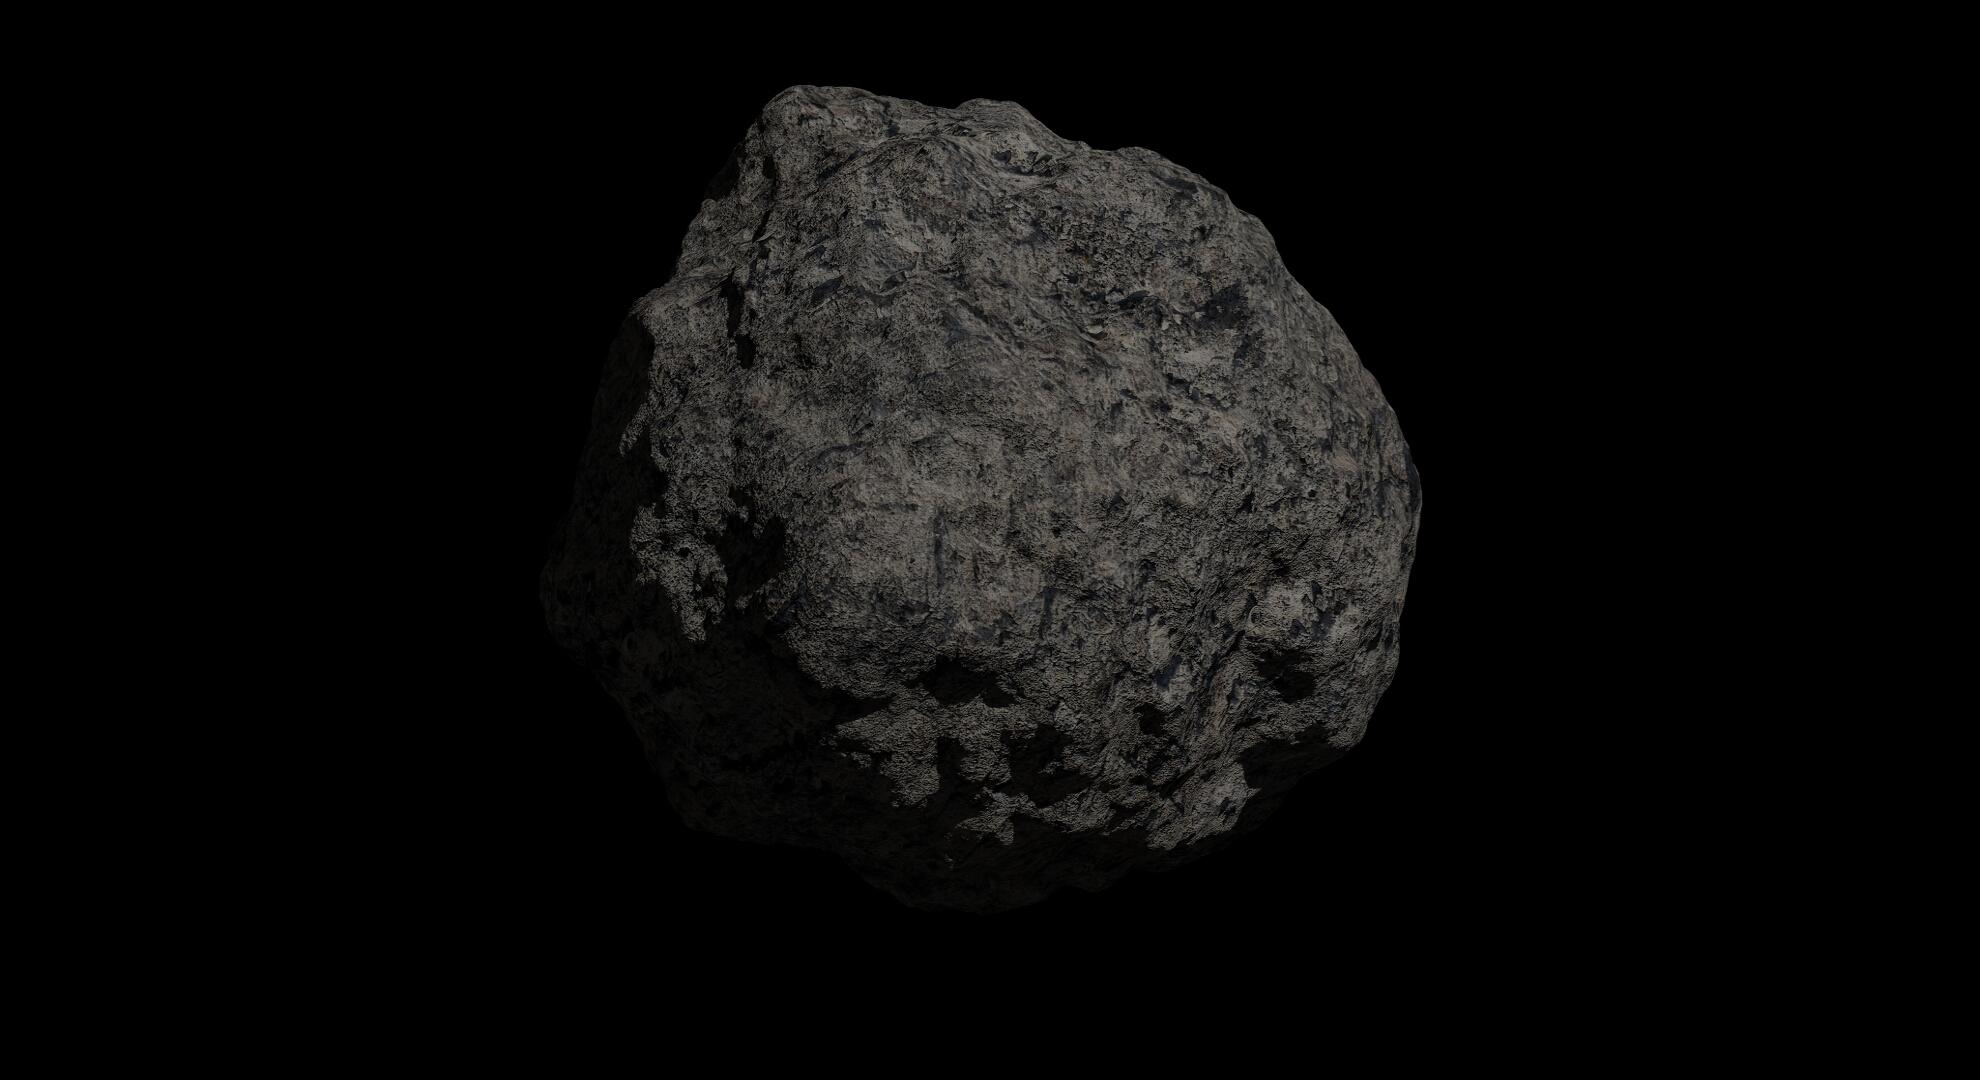 fantaziya asteroid 2 3d modeli 3s qarışığı da fbx obj 267200